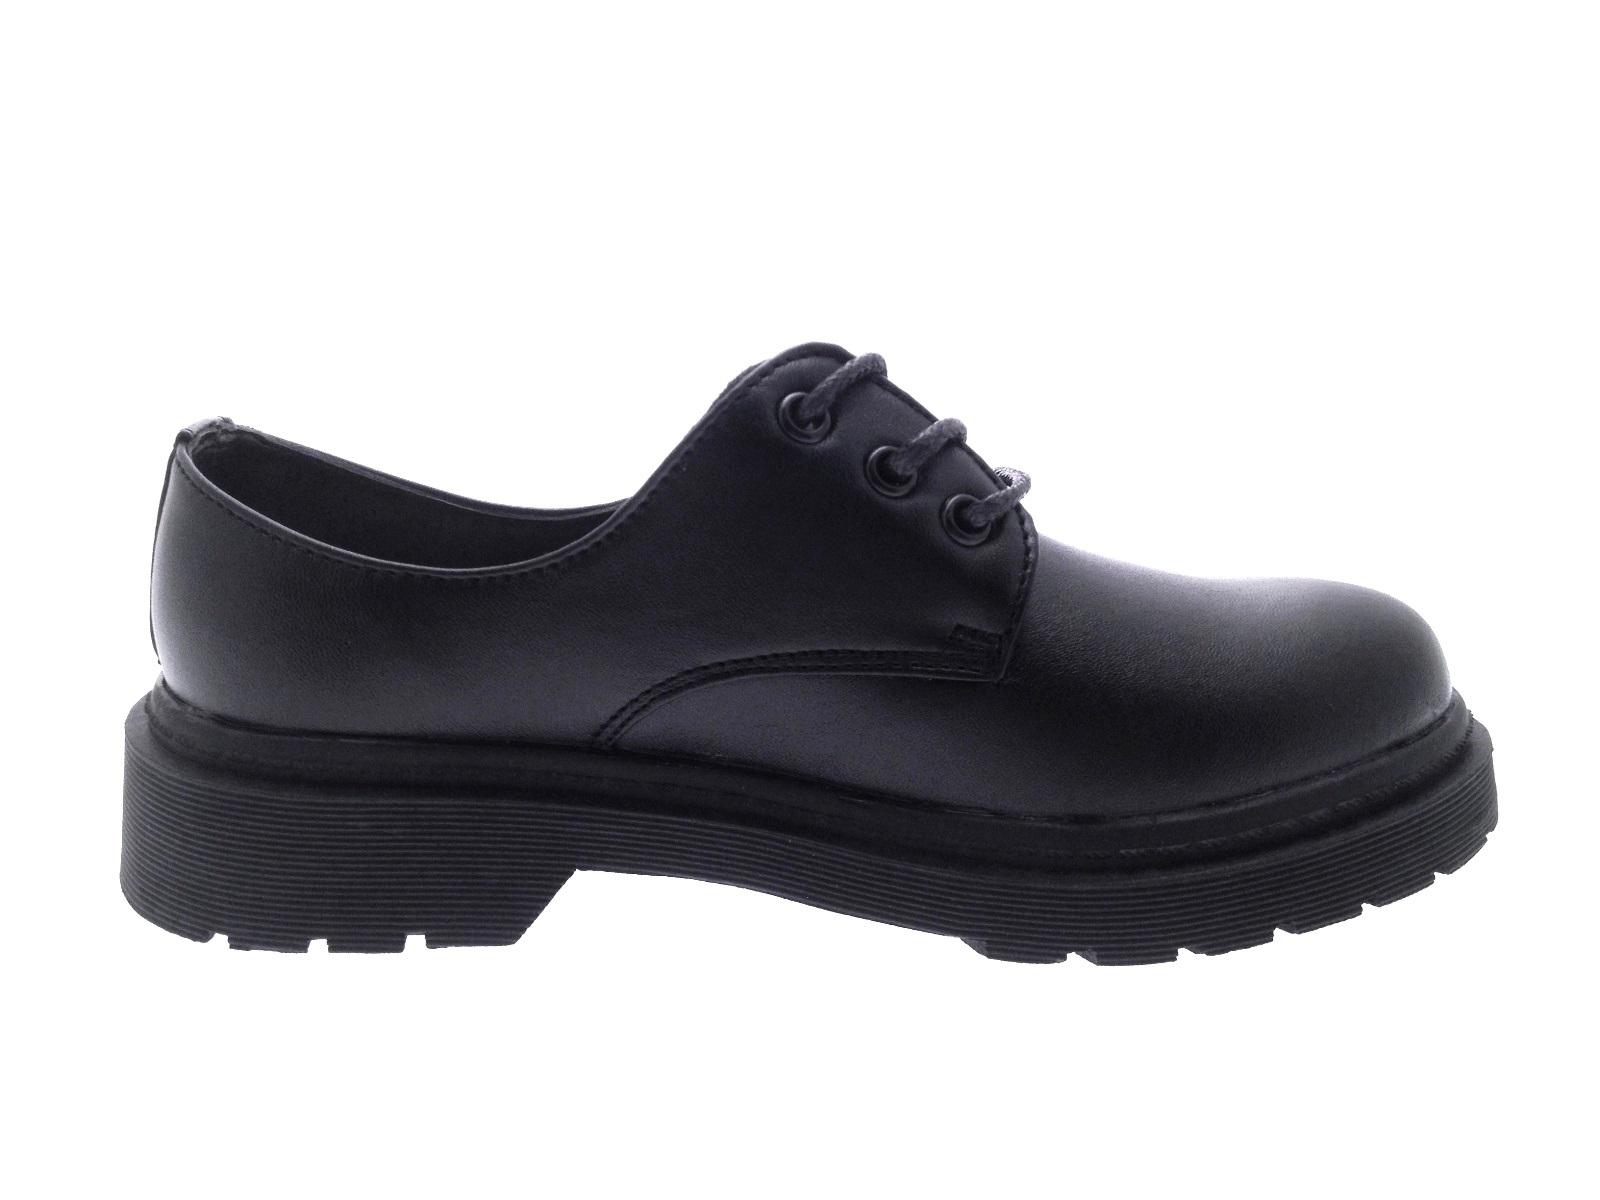 Niños CHICOS Negro Imitación Cuero Zapatos Escolares lazada Velcro formadores tamaño del Reino Unido 4-12